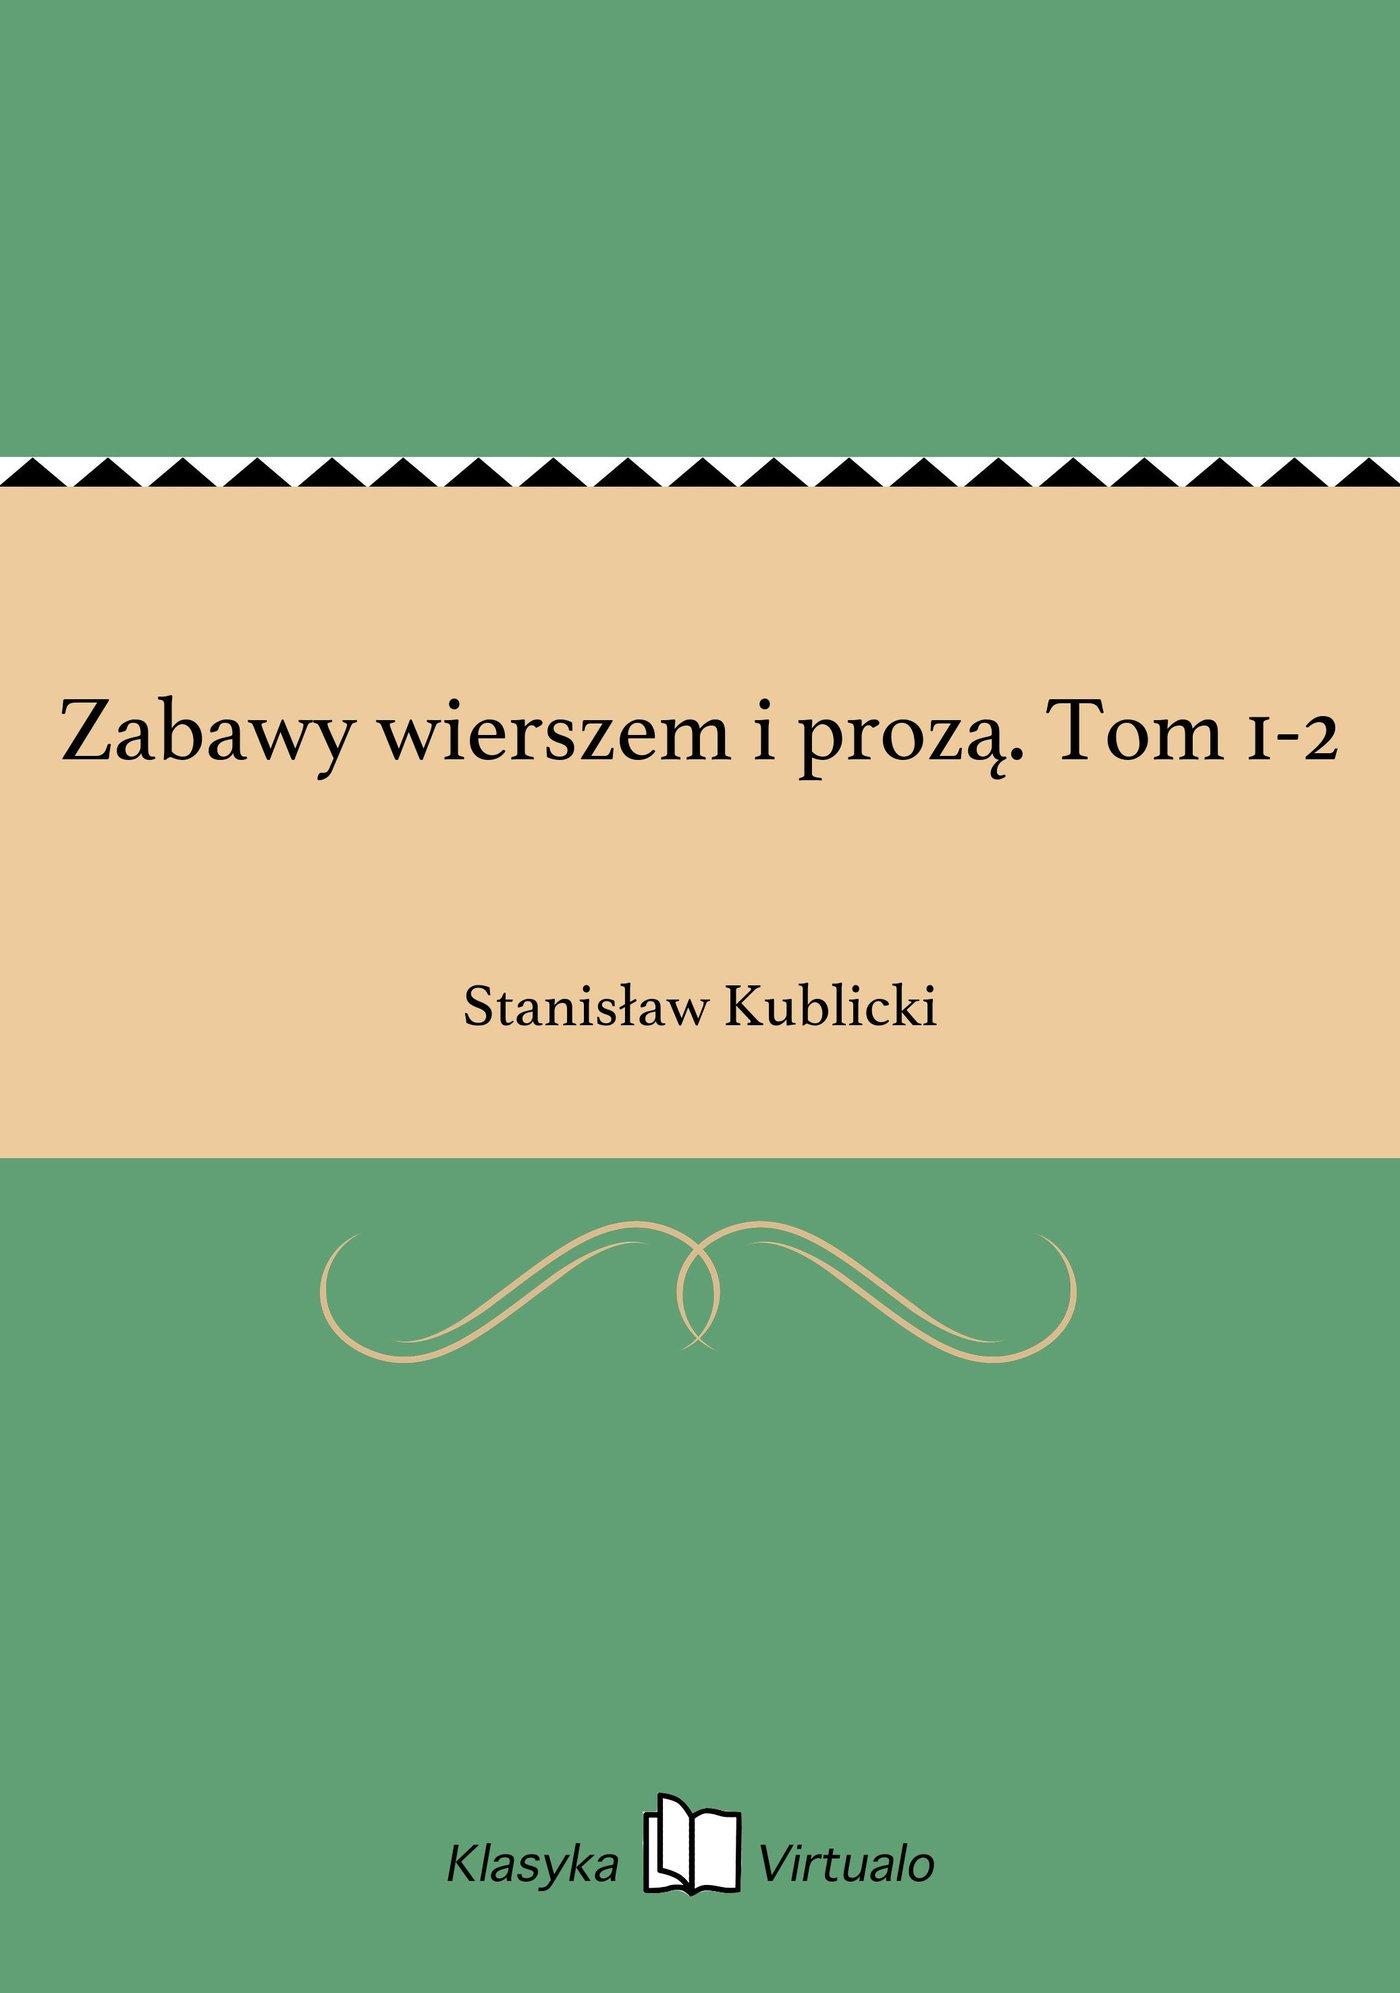 Zabawy wierszem i prozą. Tom 1-2 - Ebook (Książka na Kindle) do pobrania w formacie MOBI